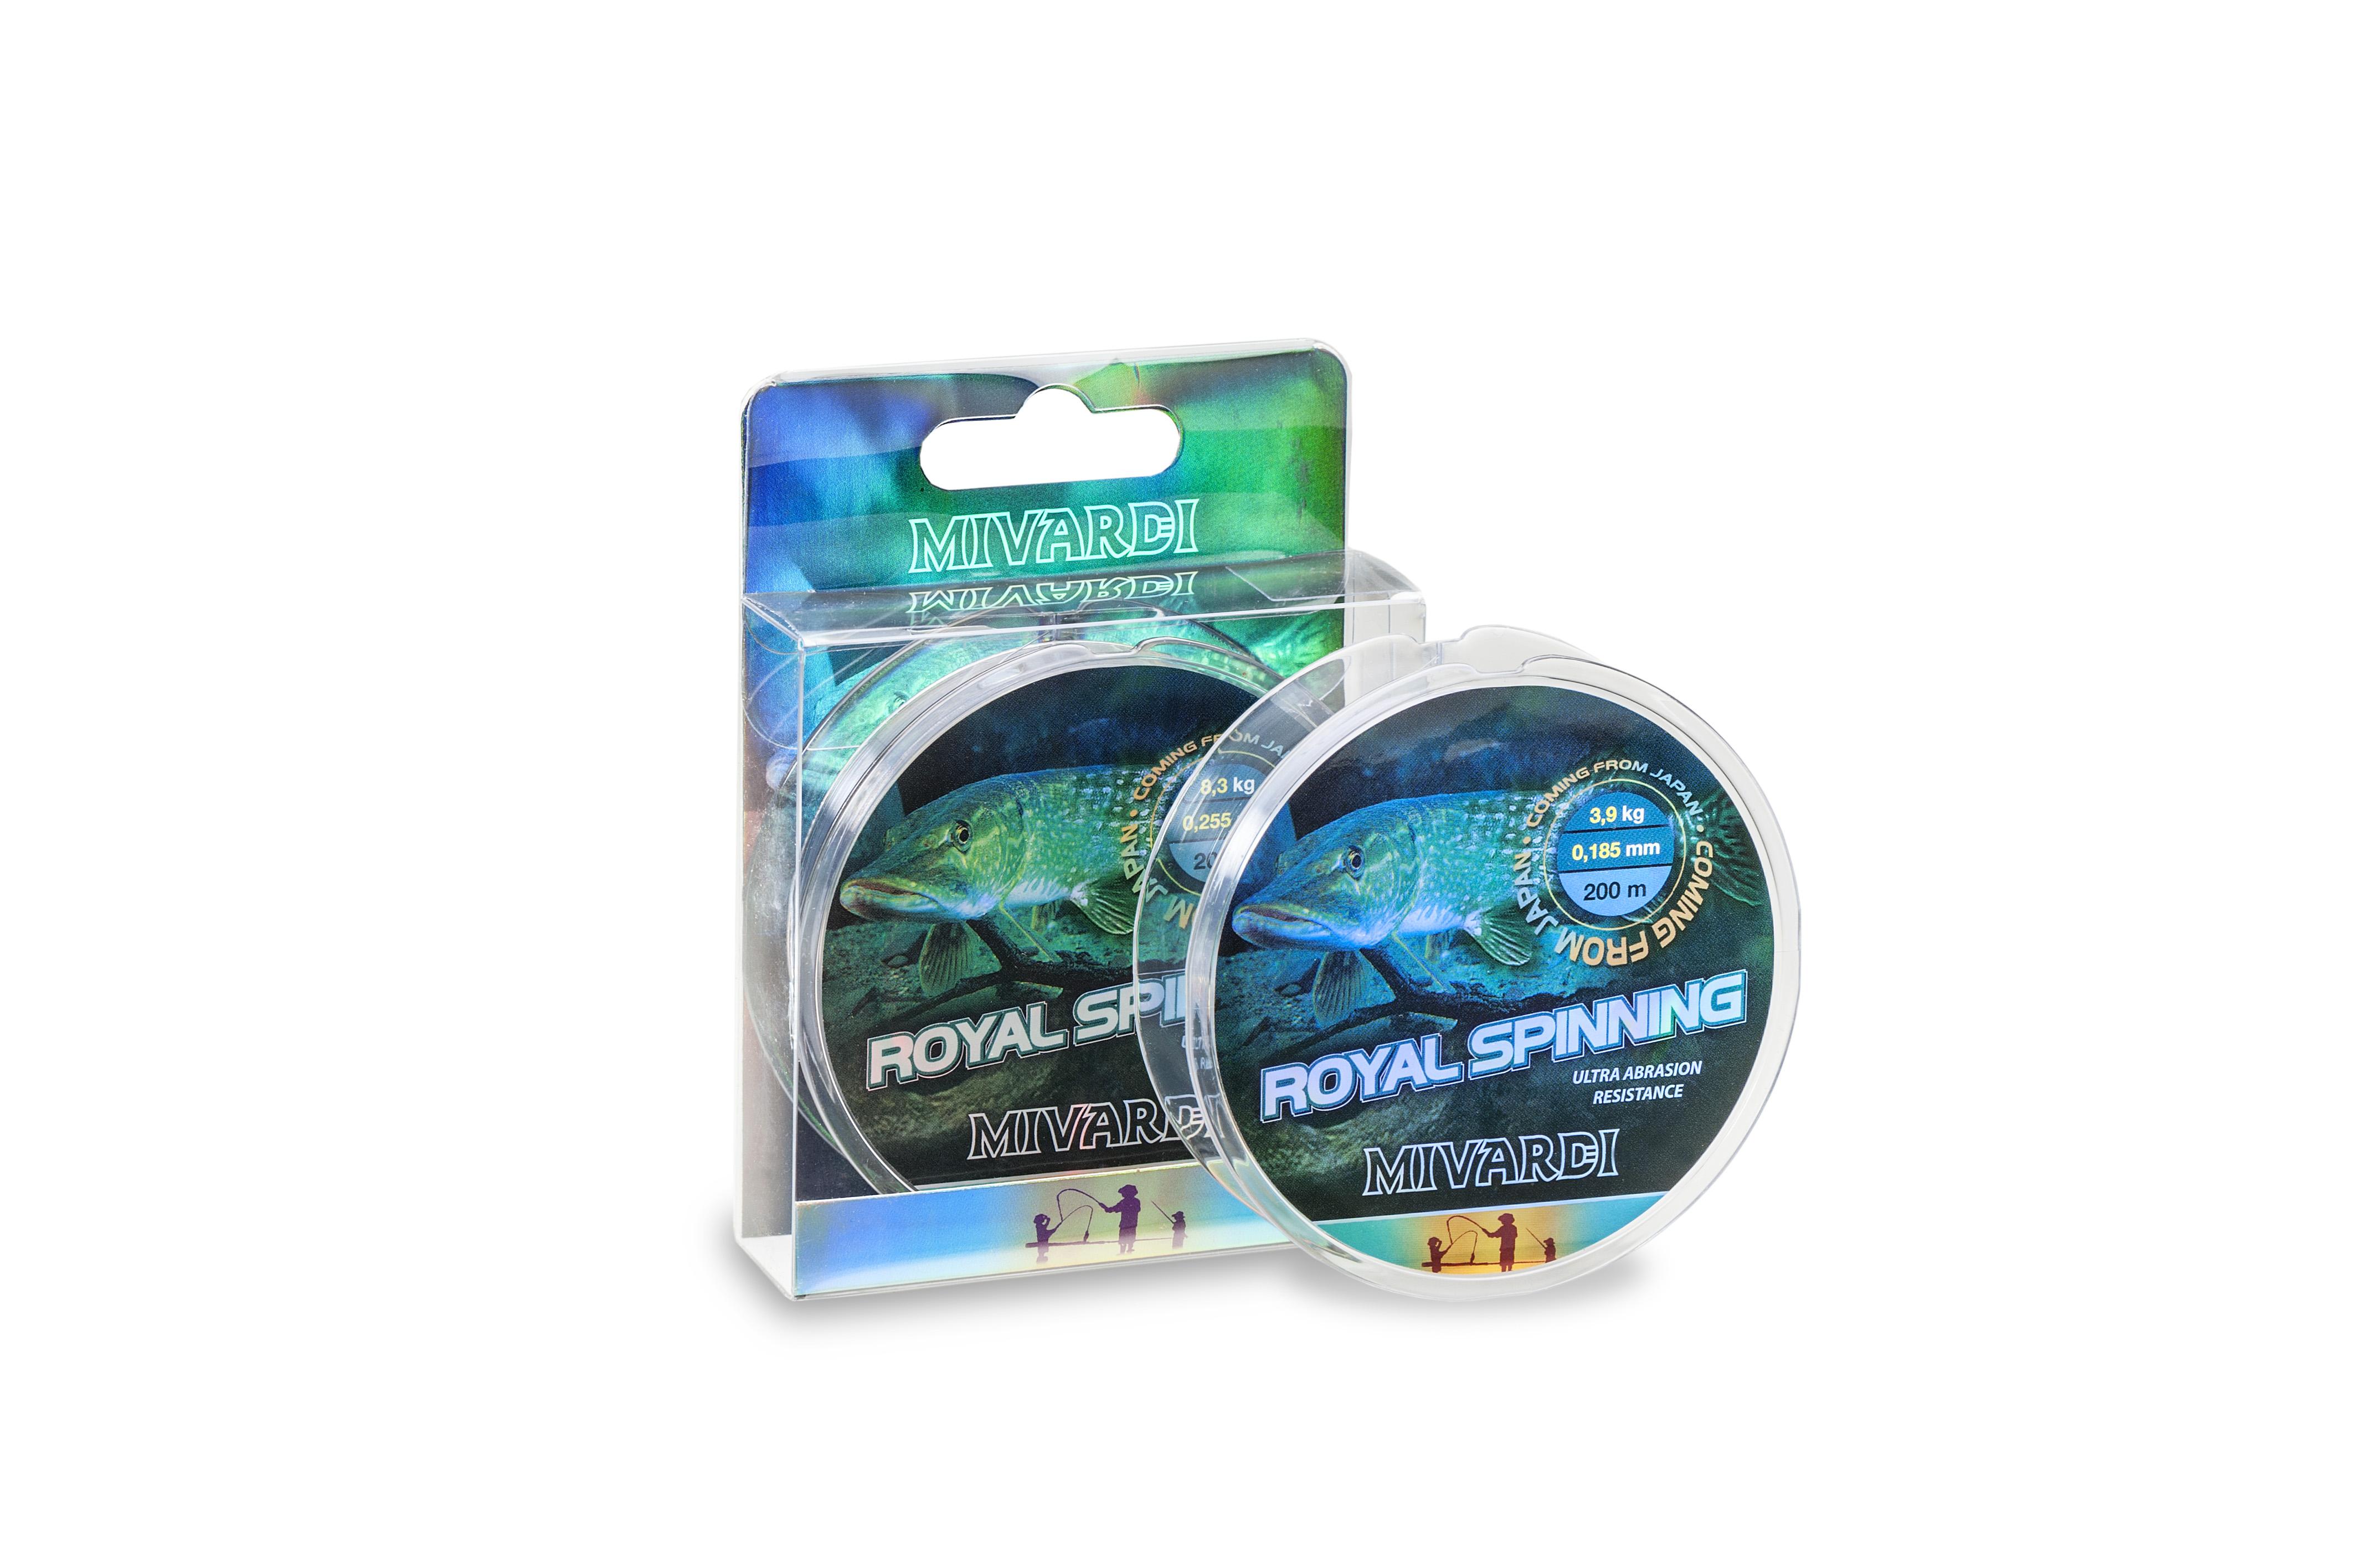 Royal Spinn 0,145 mm  200 m